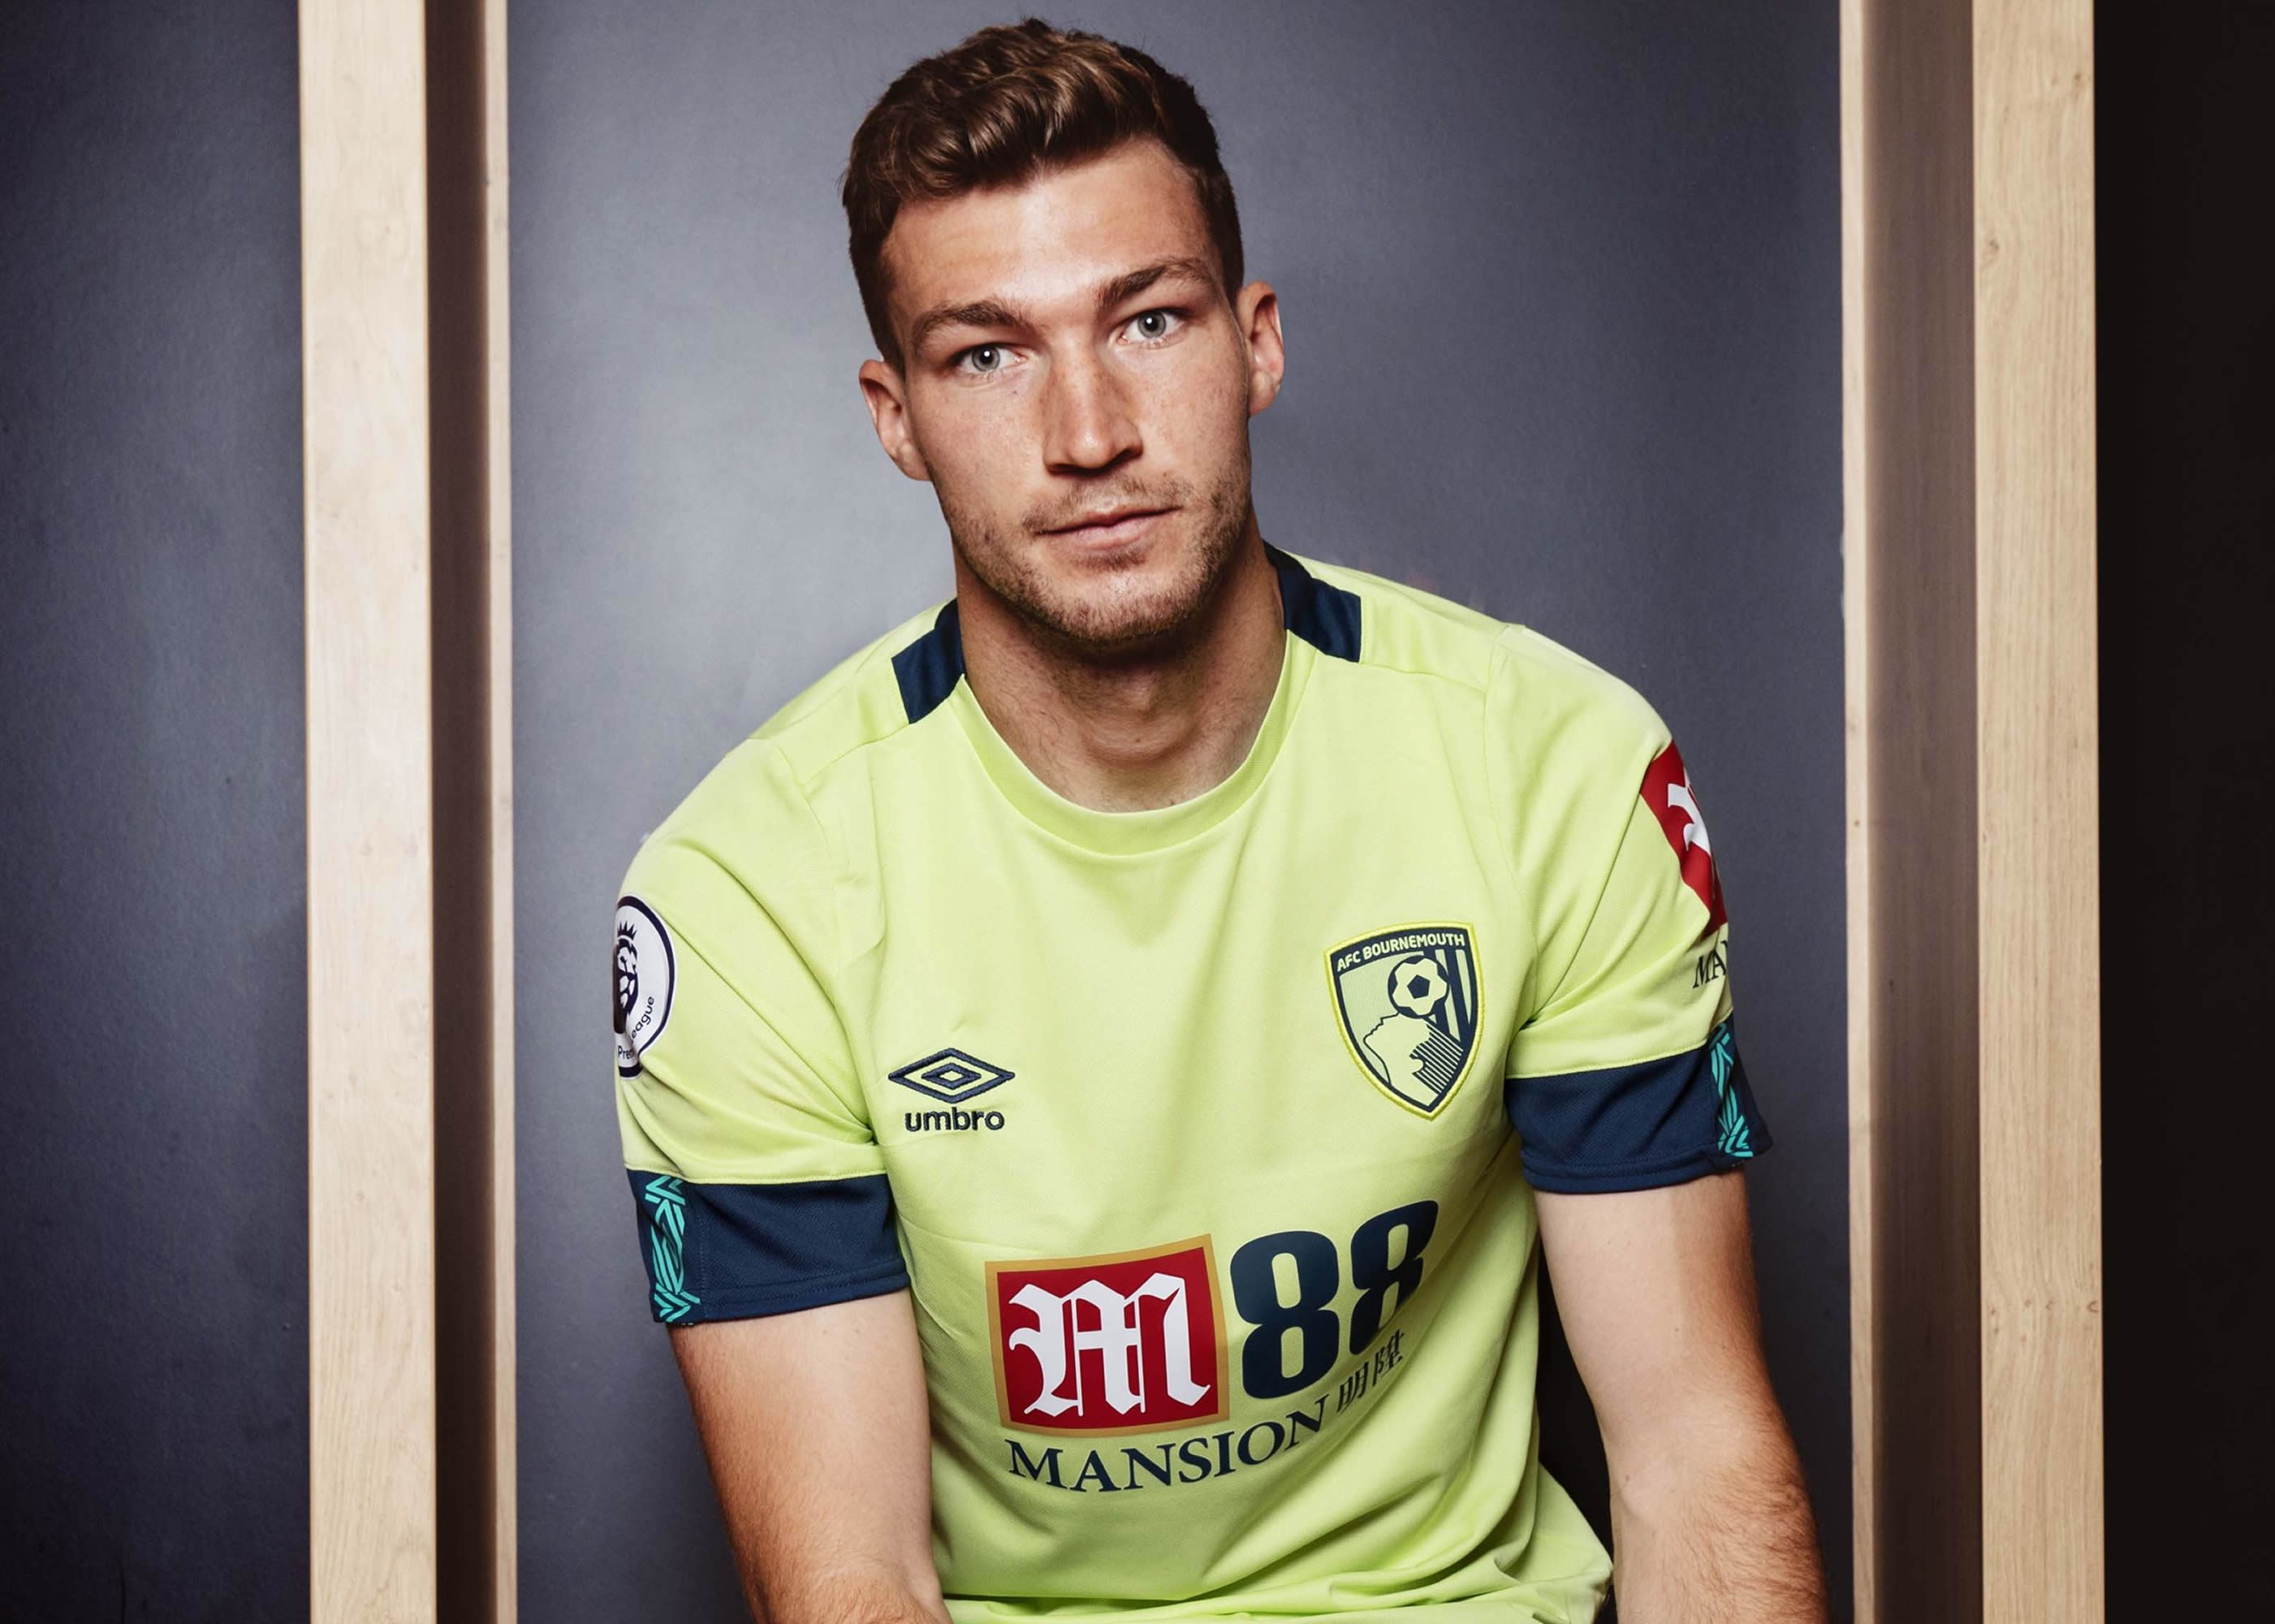 Tercera camiseta Umbro del AFC Bournemouth 2019/20   Imagen Web Oficial